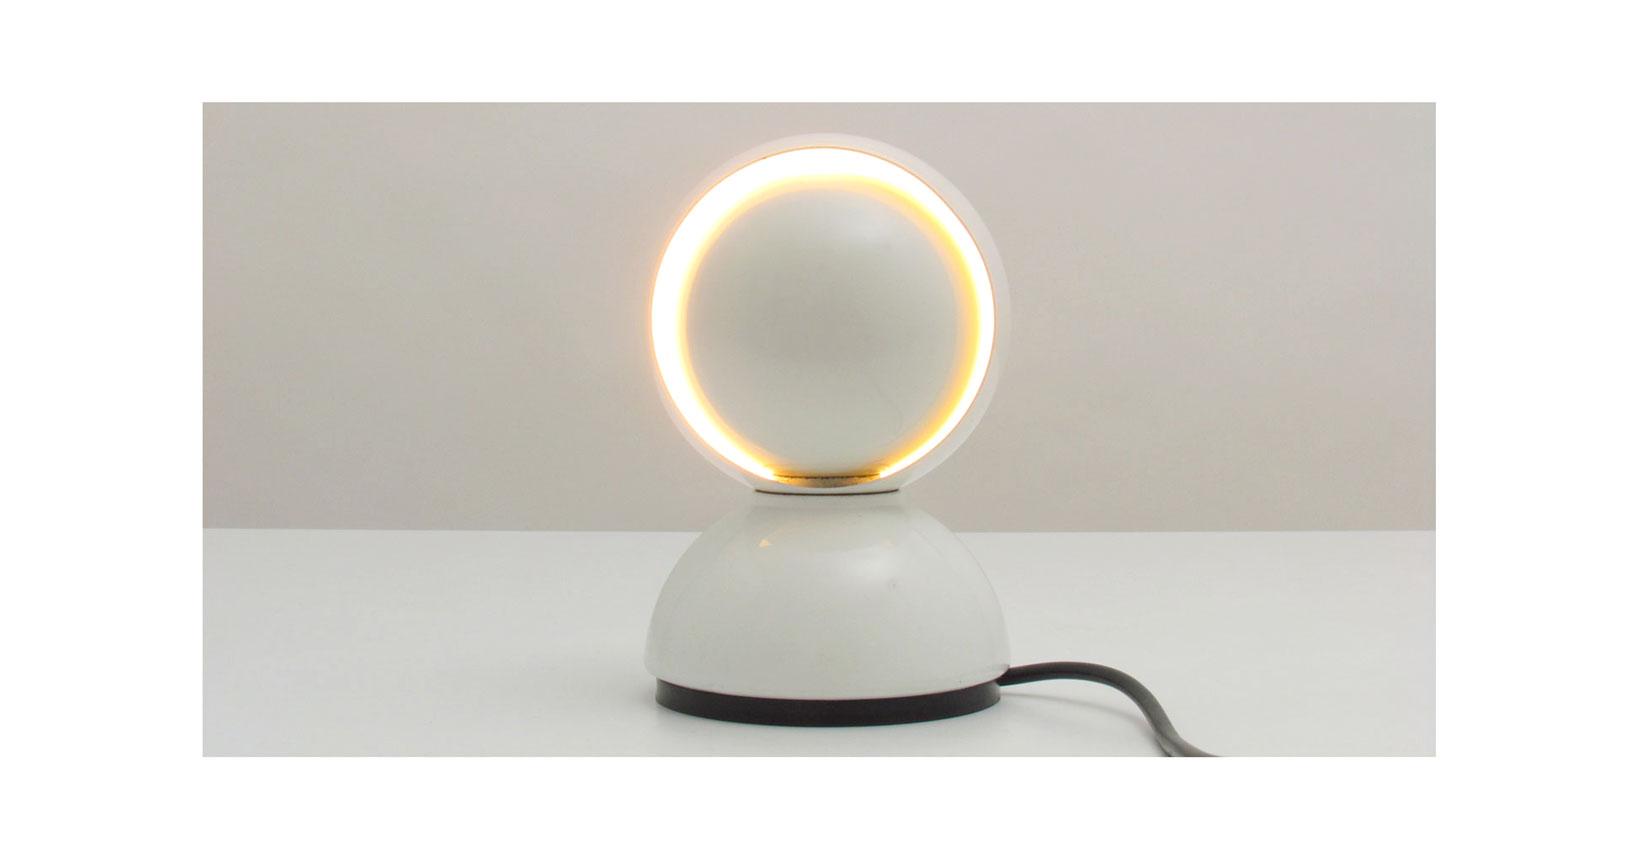 eclisse lamp vintage furniture iconic design lighting lampada vico magistretti artemide